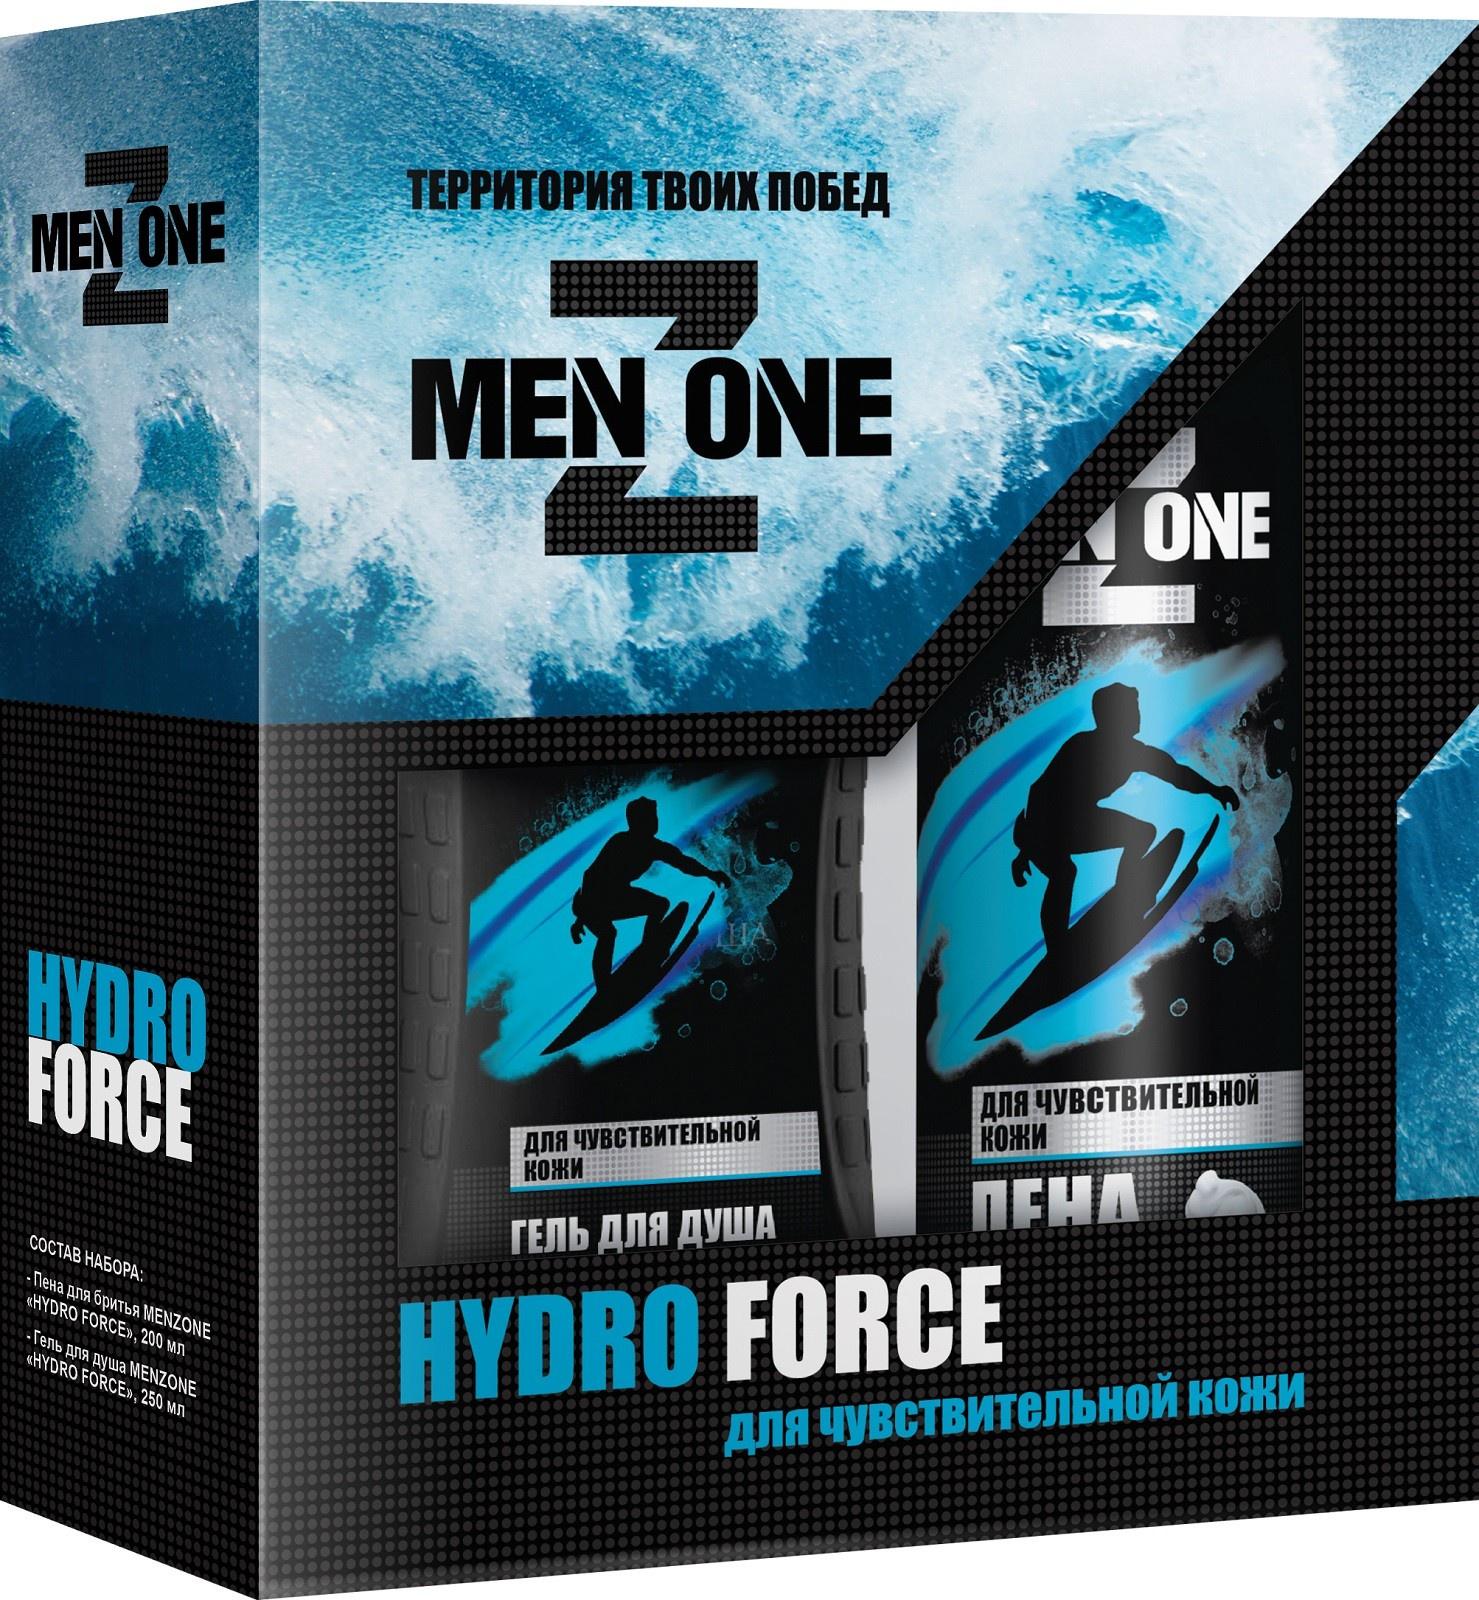 Подарочный набор Menzone Hydro Force Пена для бритья, 200 мл + Гель для душа, 250 мл, 46 00104 03433 6 недорого